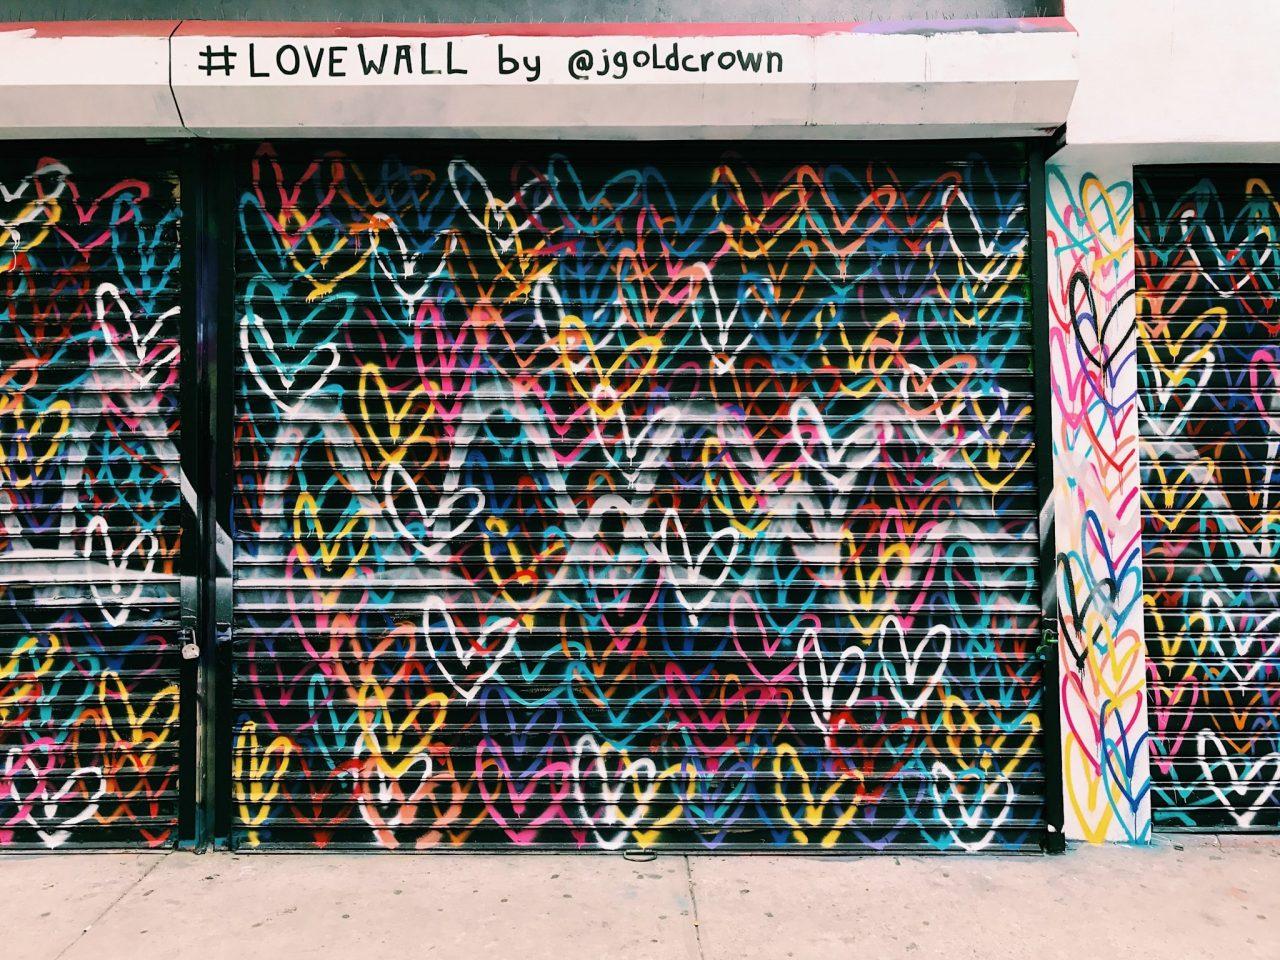 Love wall in Australia